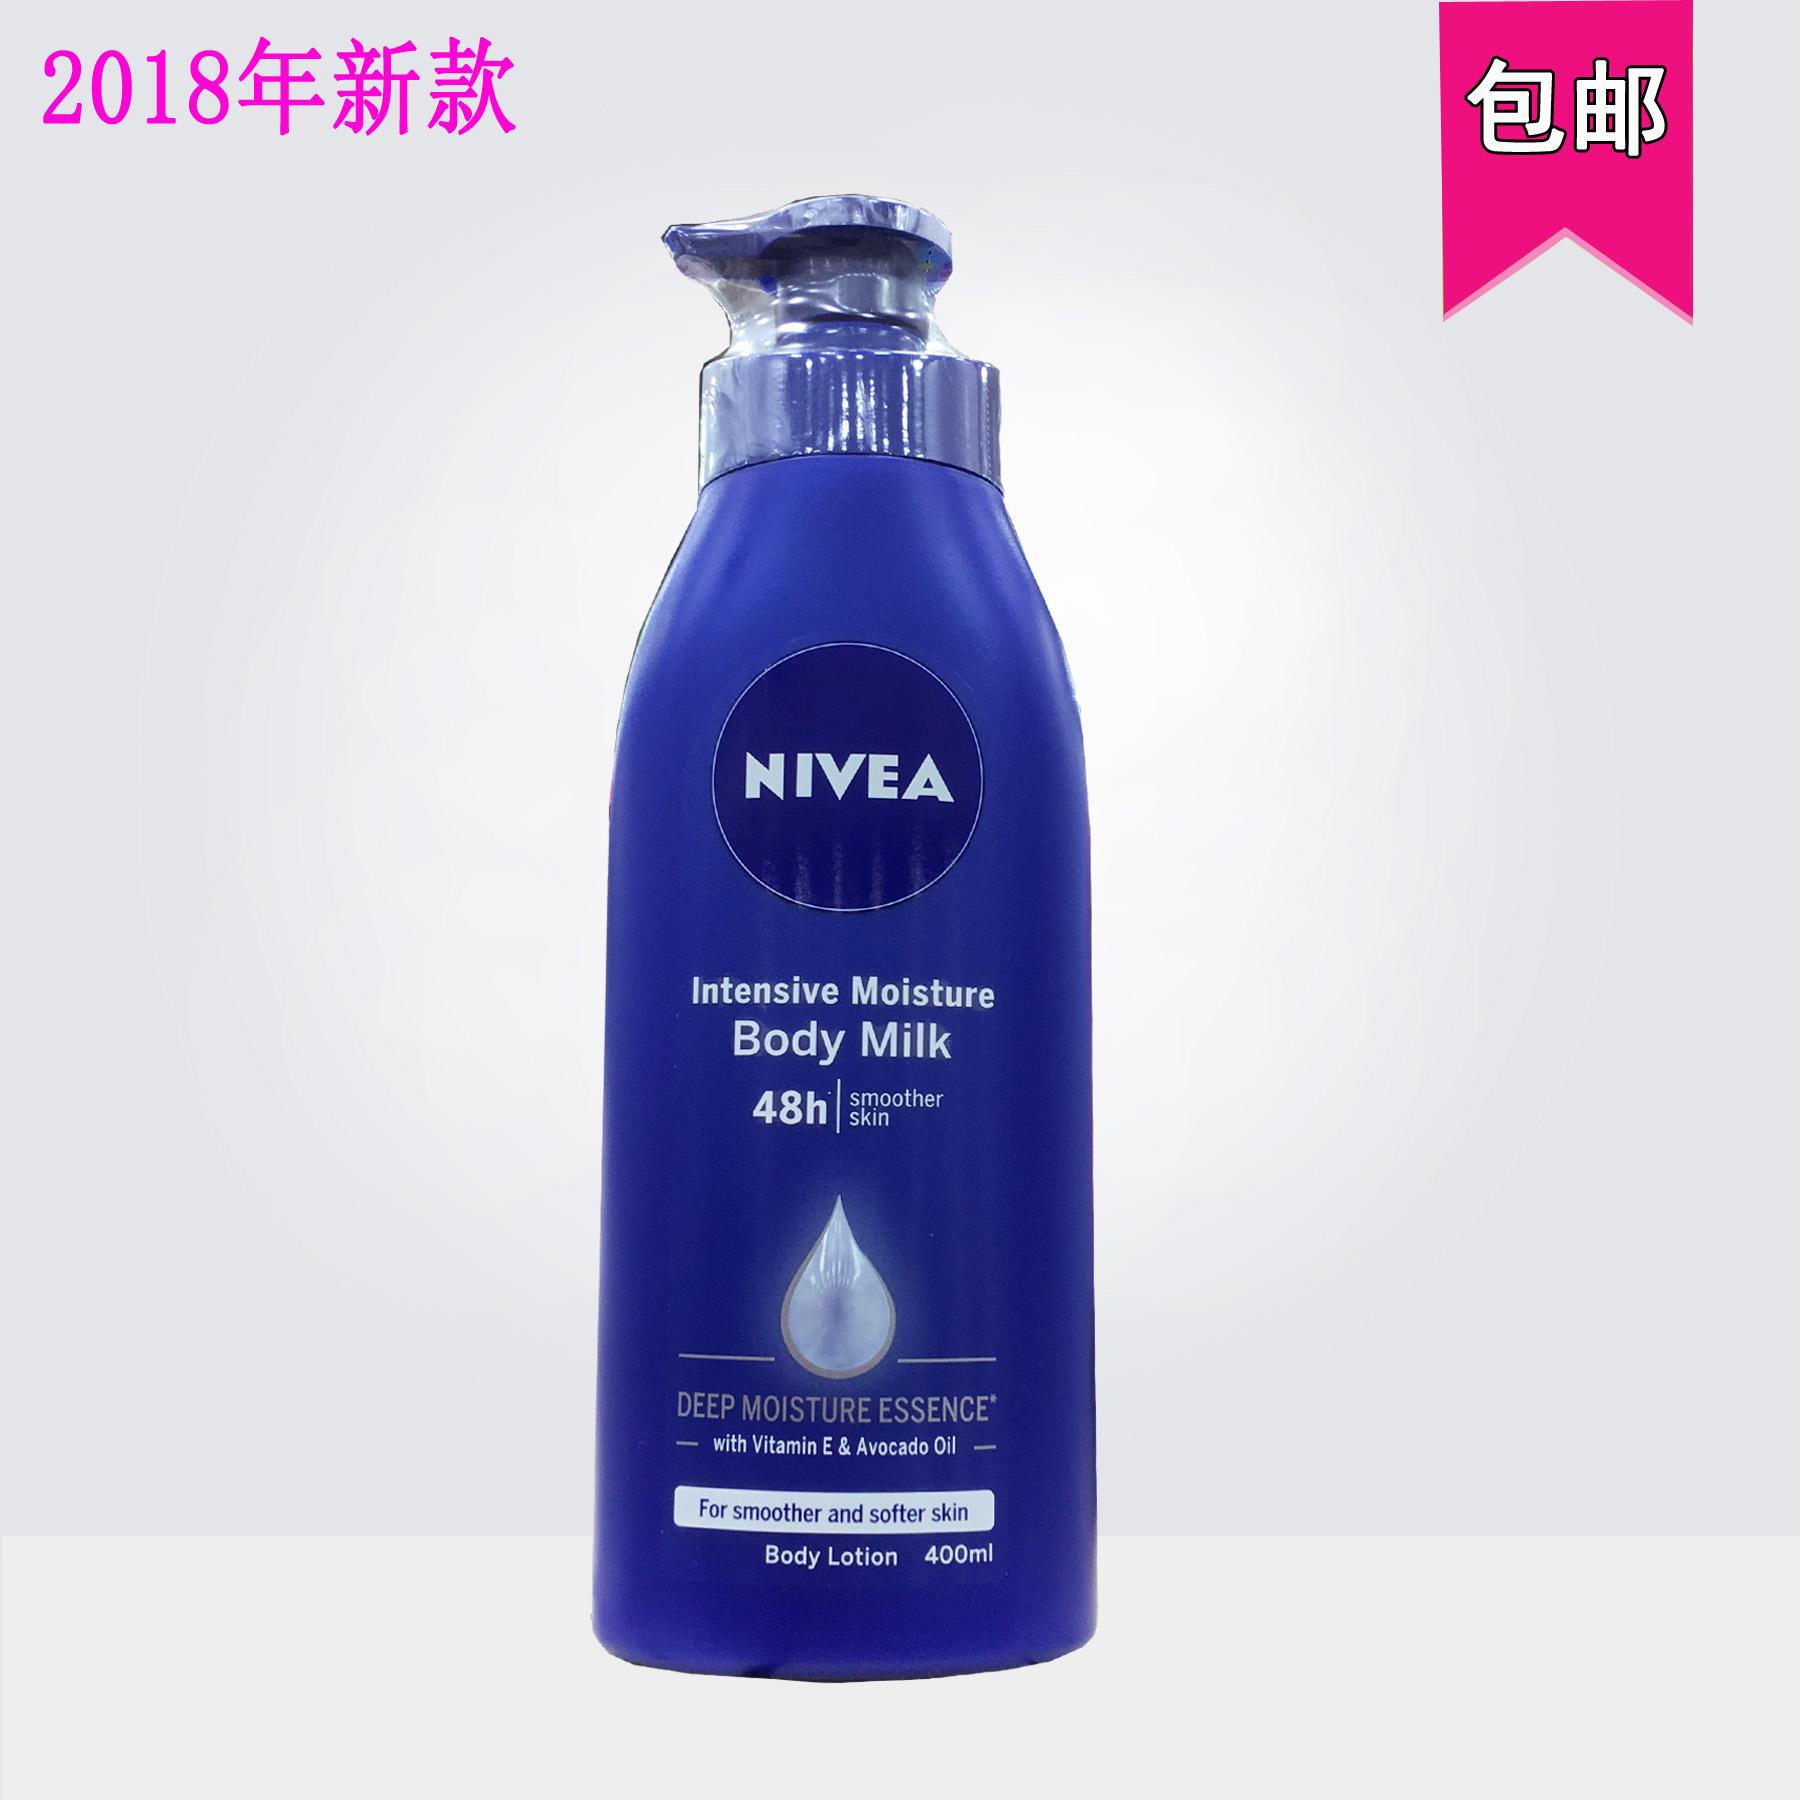 原裝進口 妮維雅深層潤膚乳液/潤膚露/身體乳400ml